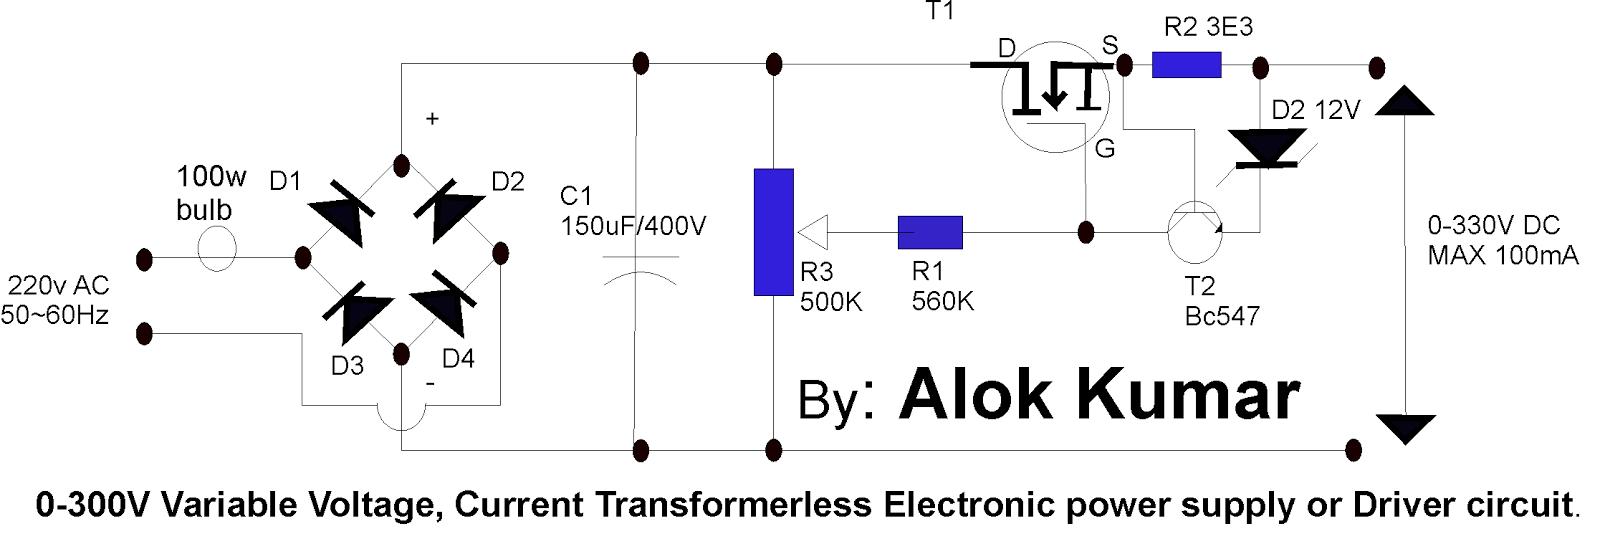 wiring diagram 2001 echo